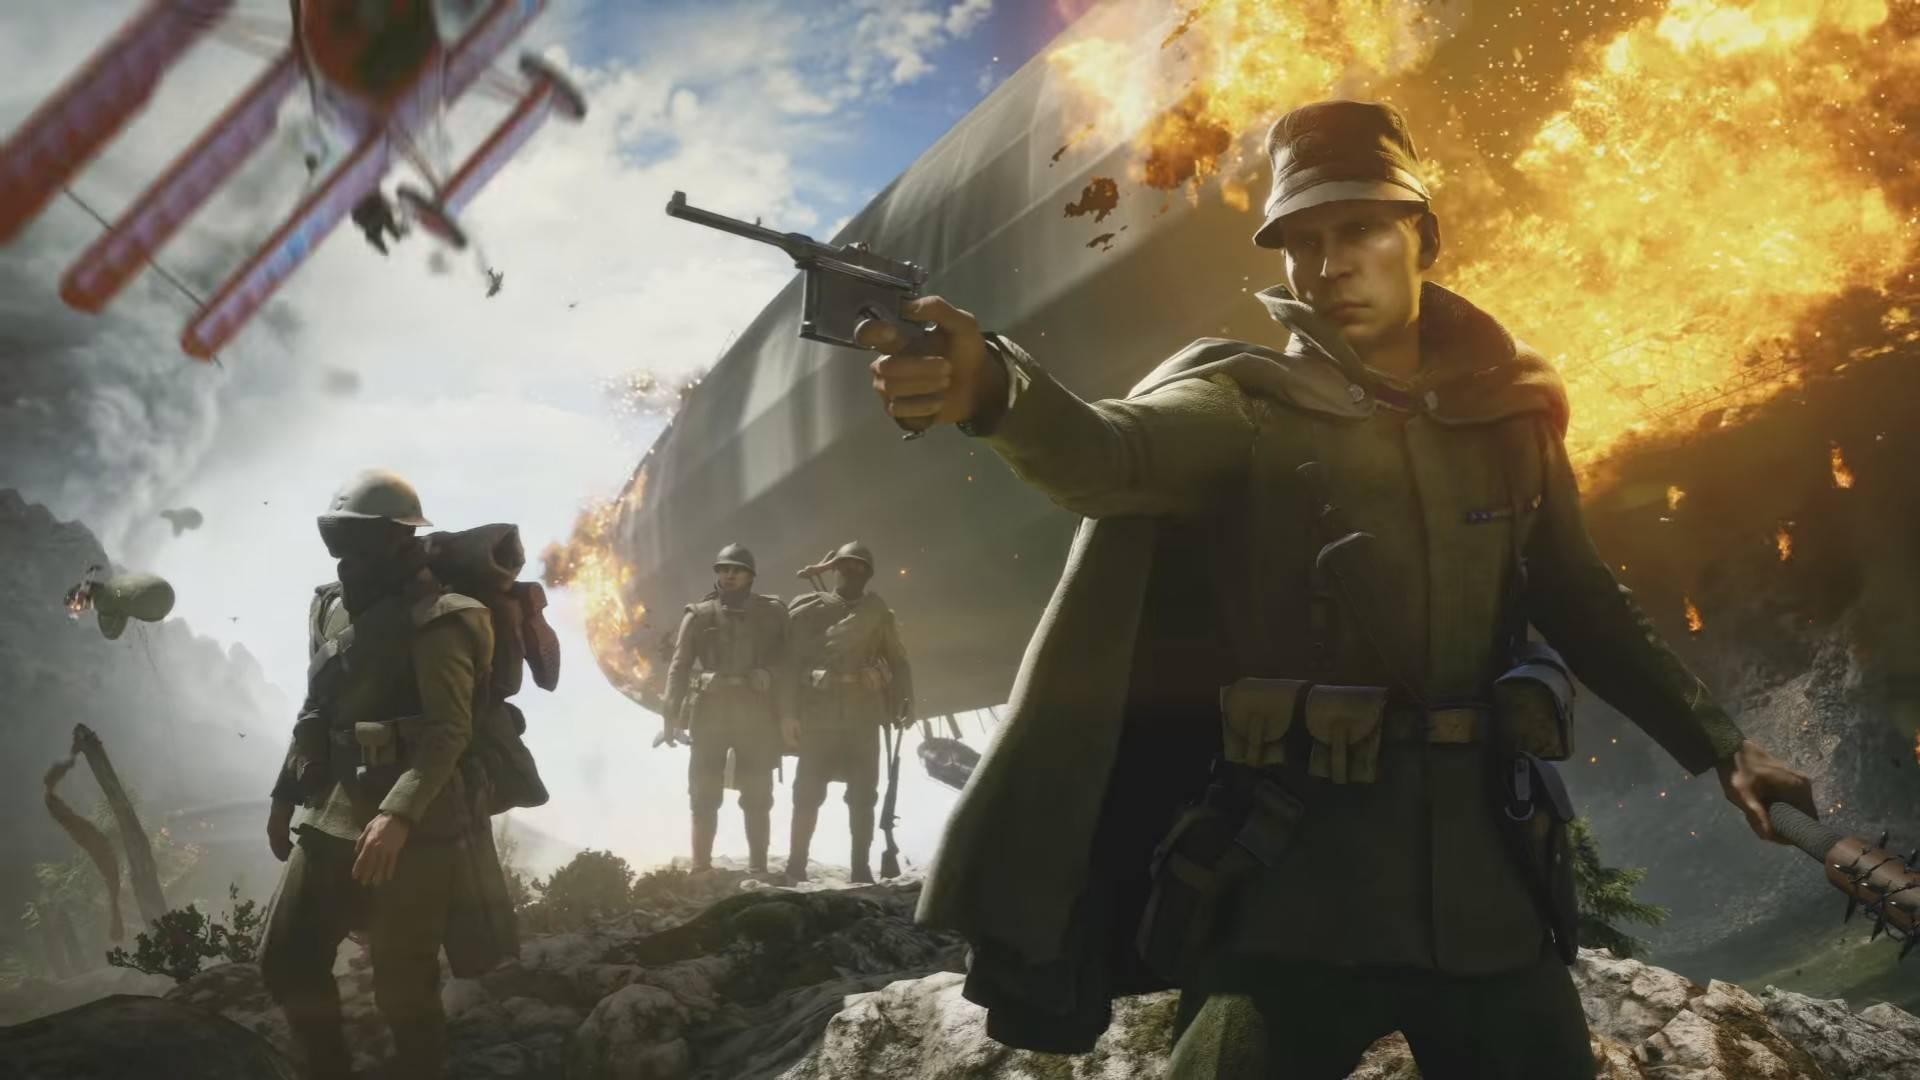 Xbox Estos Son Los Juegos Gratuitos De Games With Gold Para Noviembre